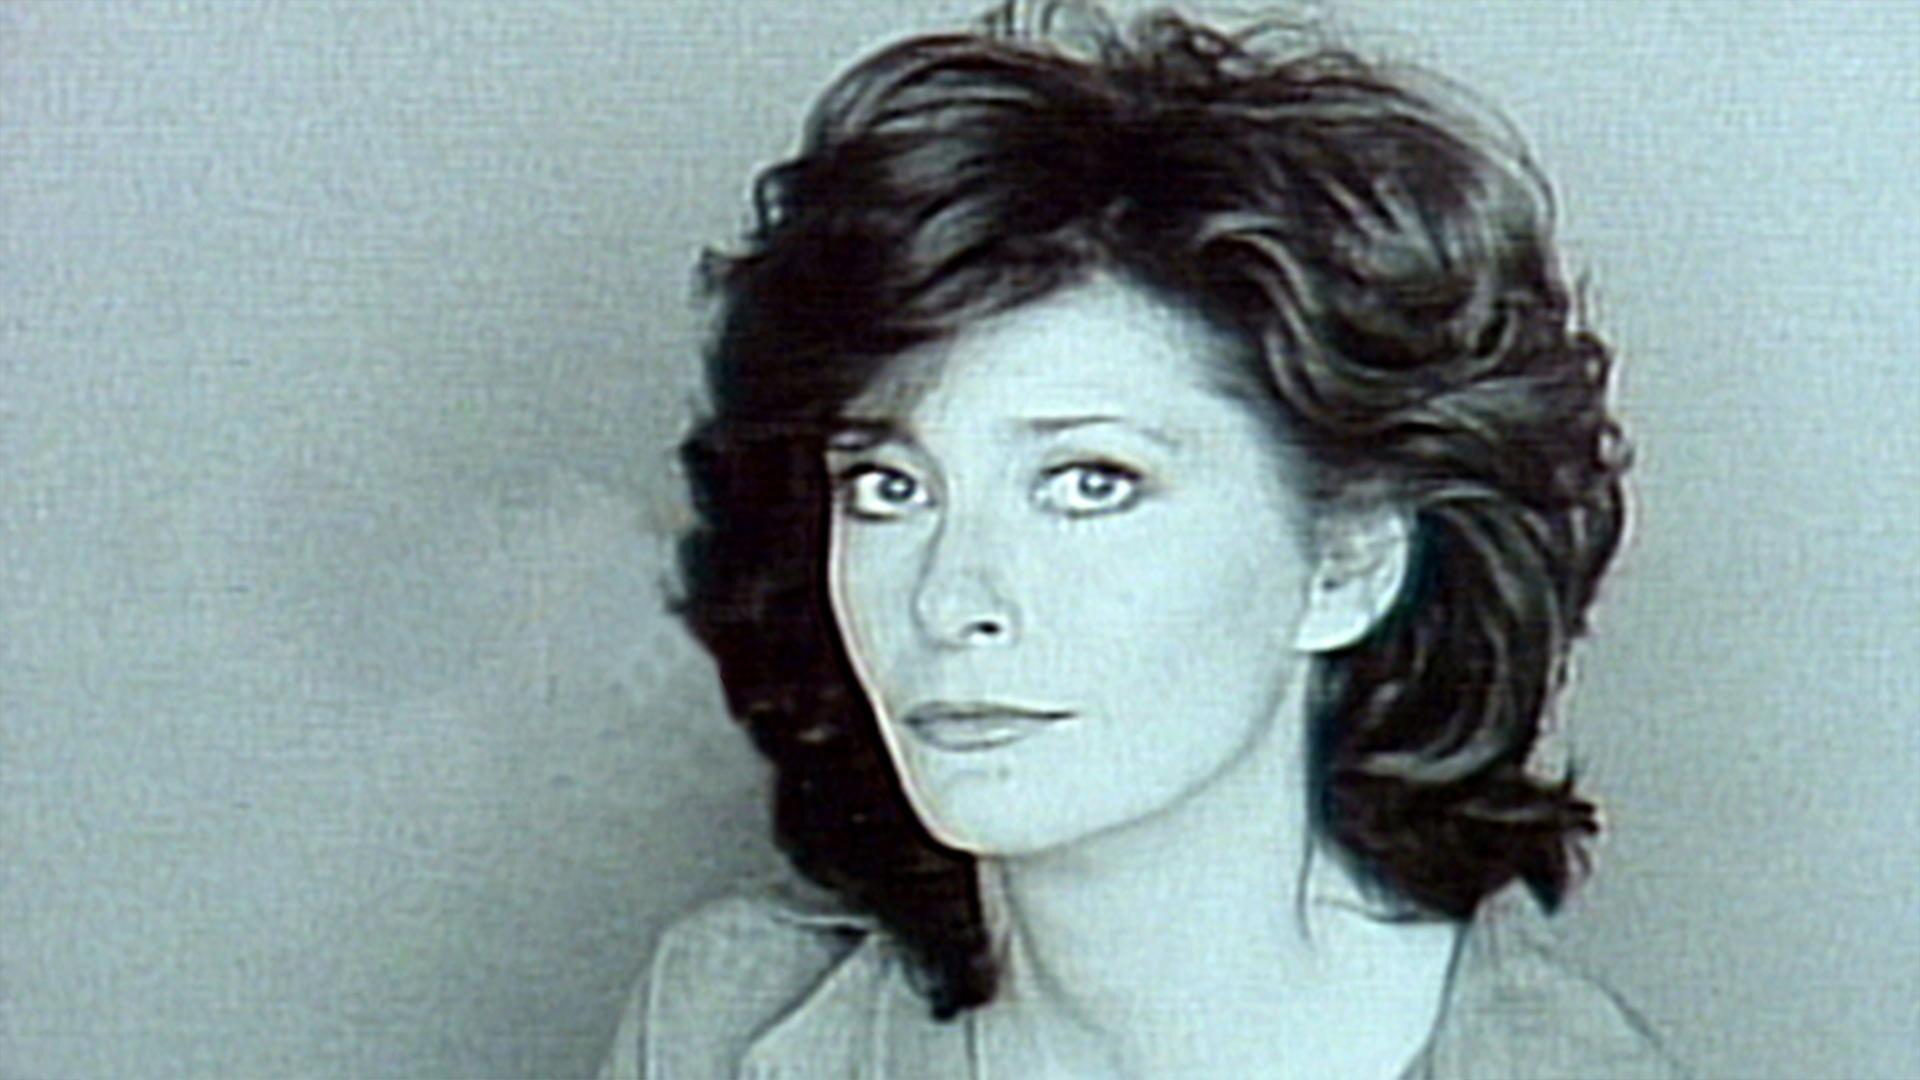 Elizabeth Ashley: February 27, 1982